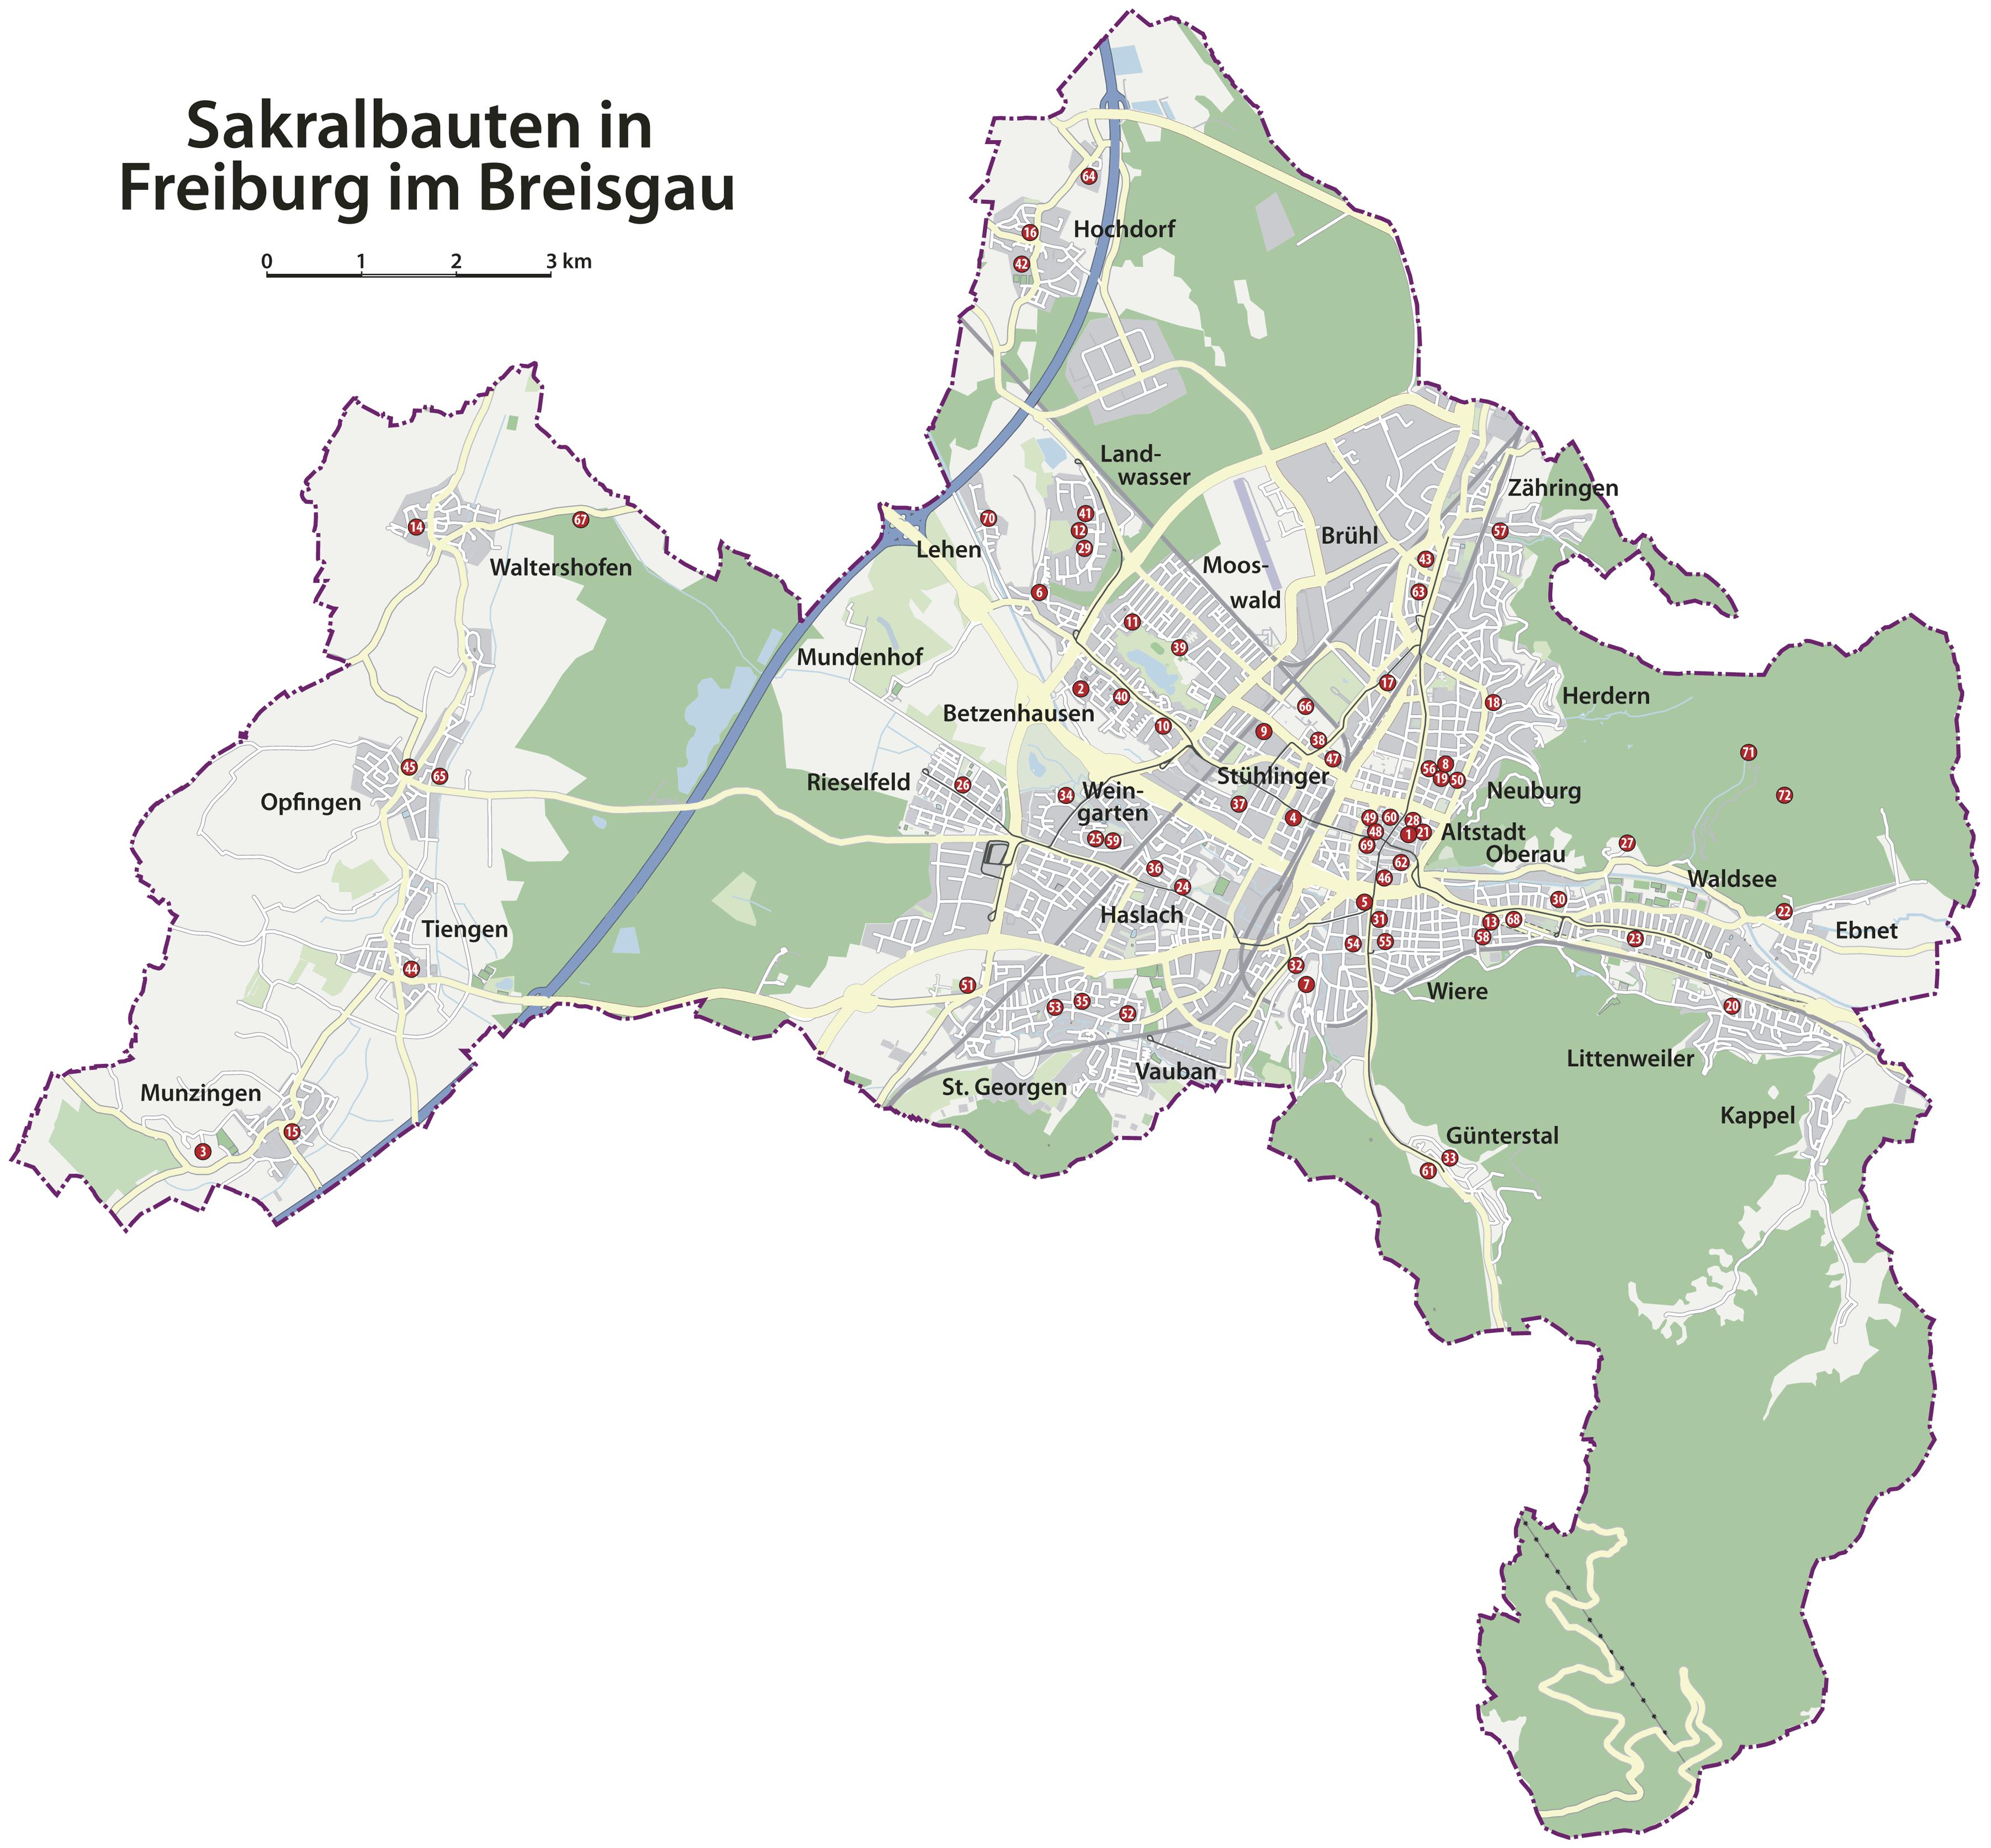 Freiburg Karte.Datei Sakralbauten In Freiburg Png Wikipedia